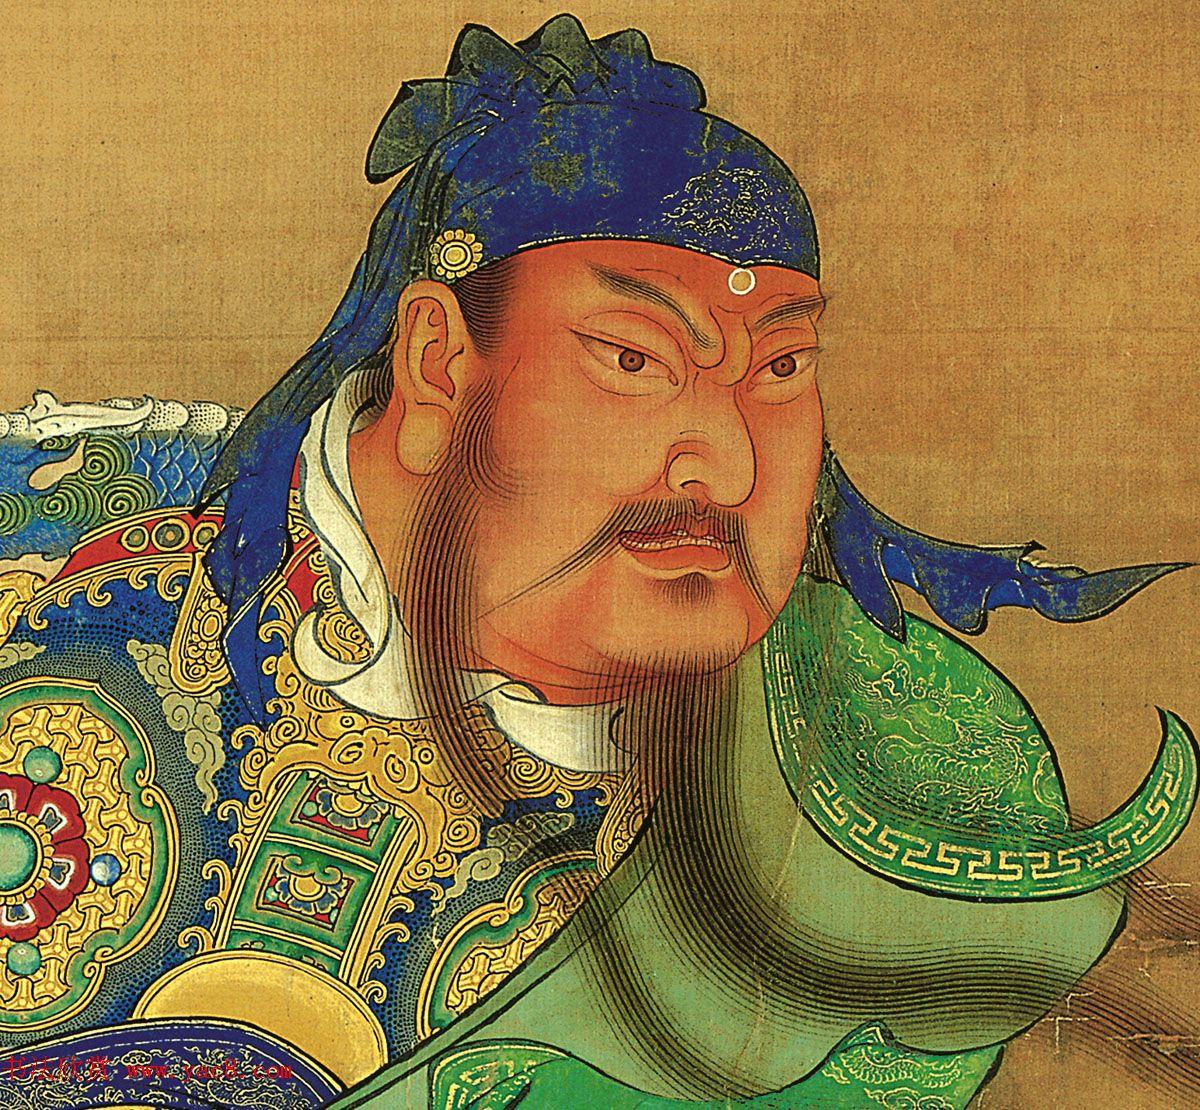 明代宫廷画家商喜工笔画《关羽擒将图》